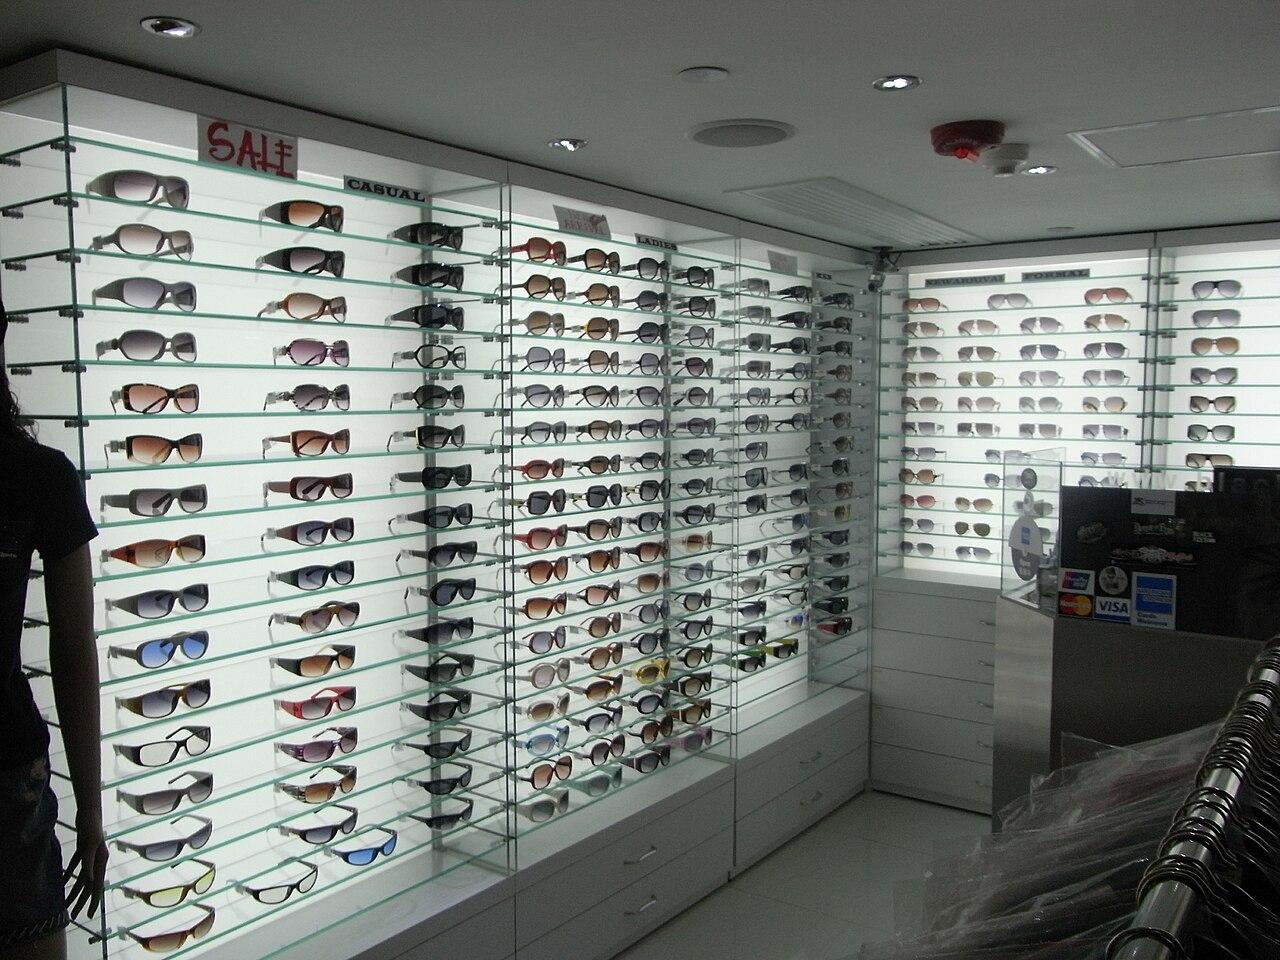 Shoe Shop Interior Images